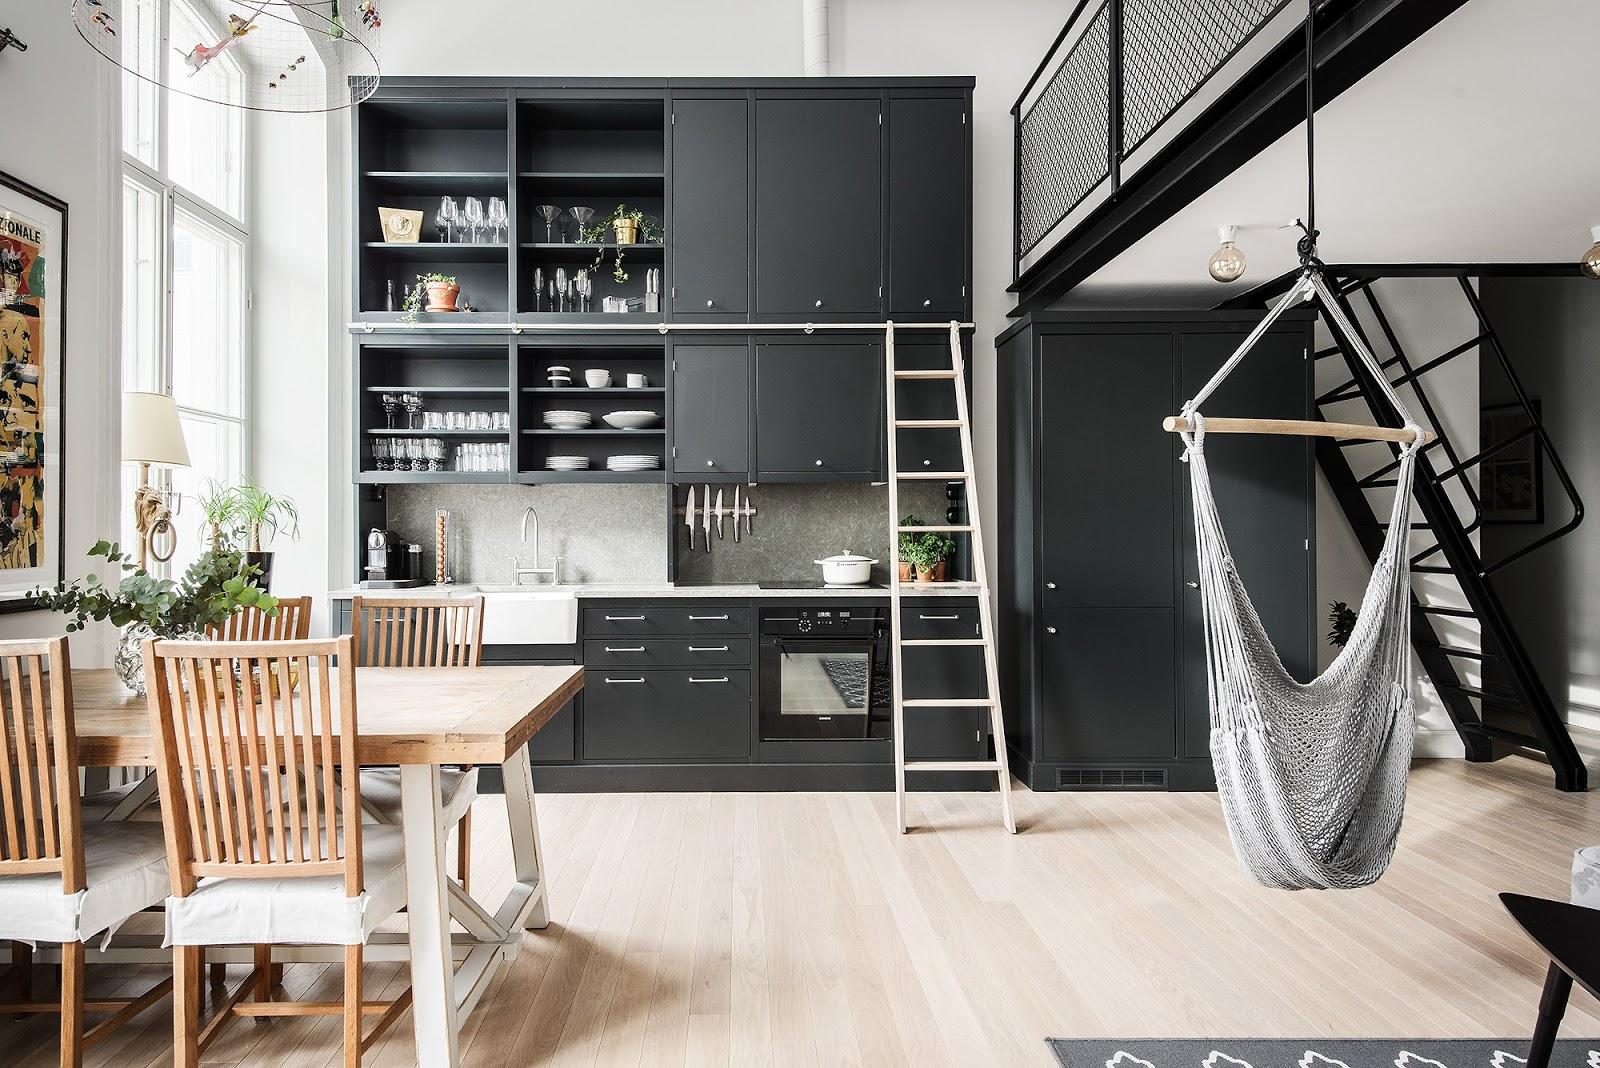 Hamac în living, scară în bucătărie și dormitor la mezanin într-un apartament de 62 m²